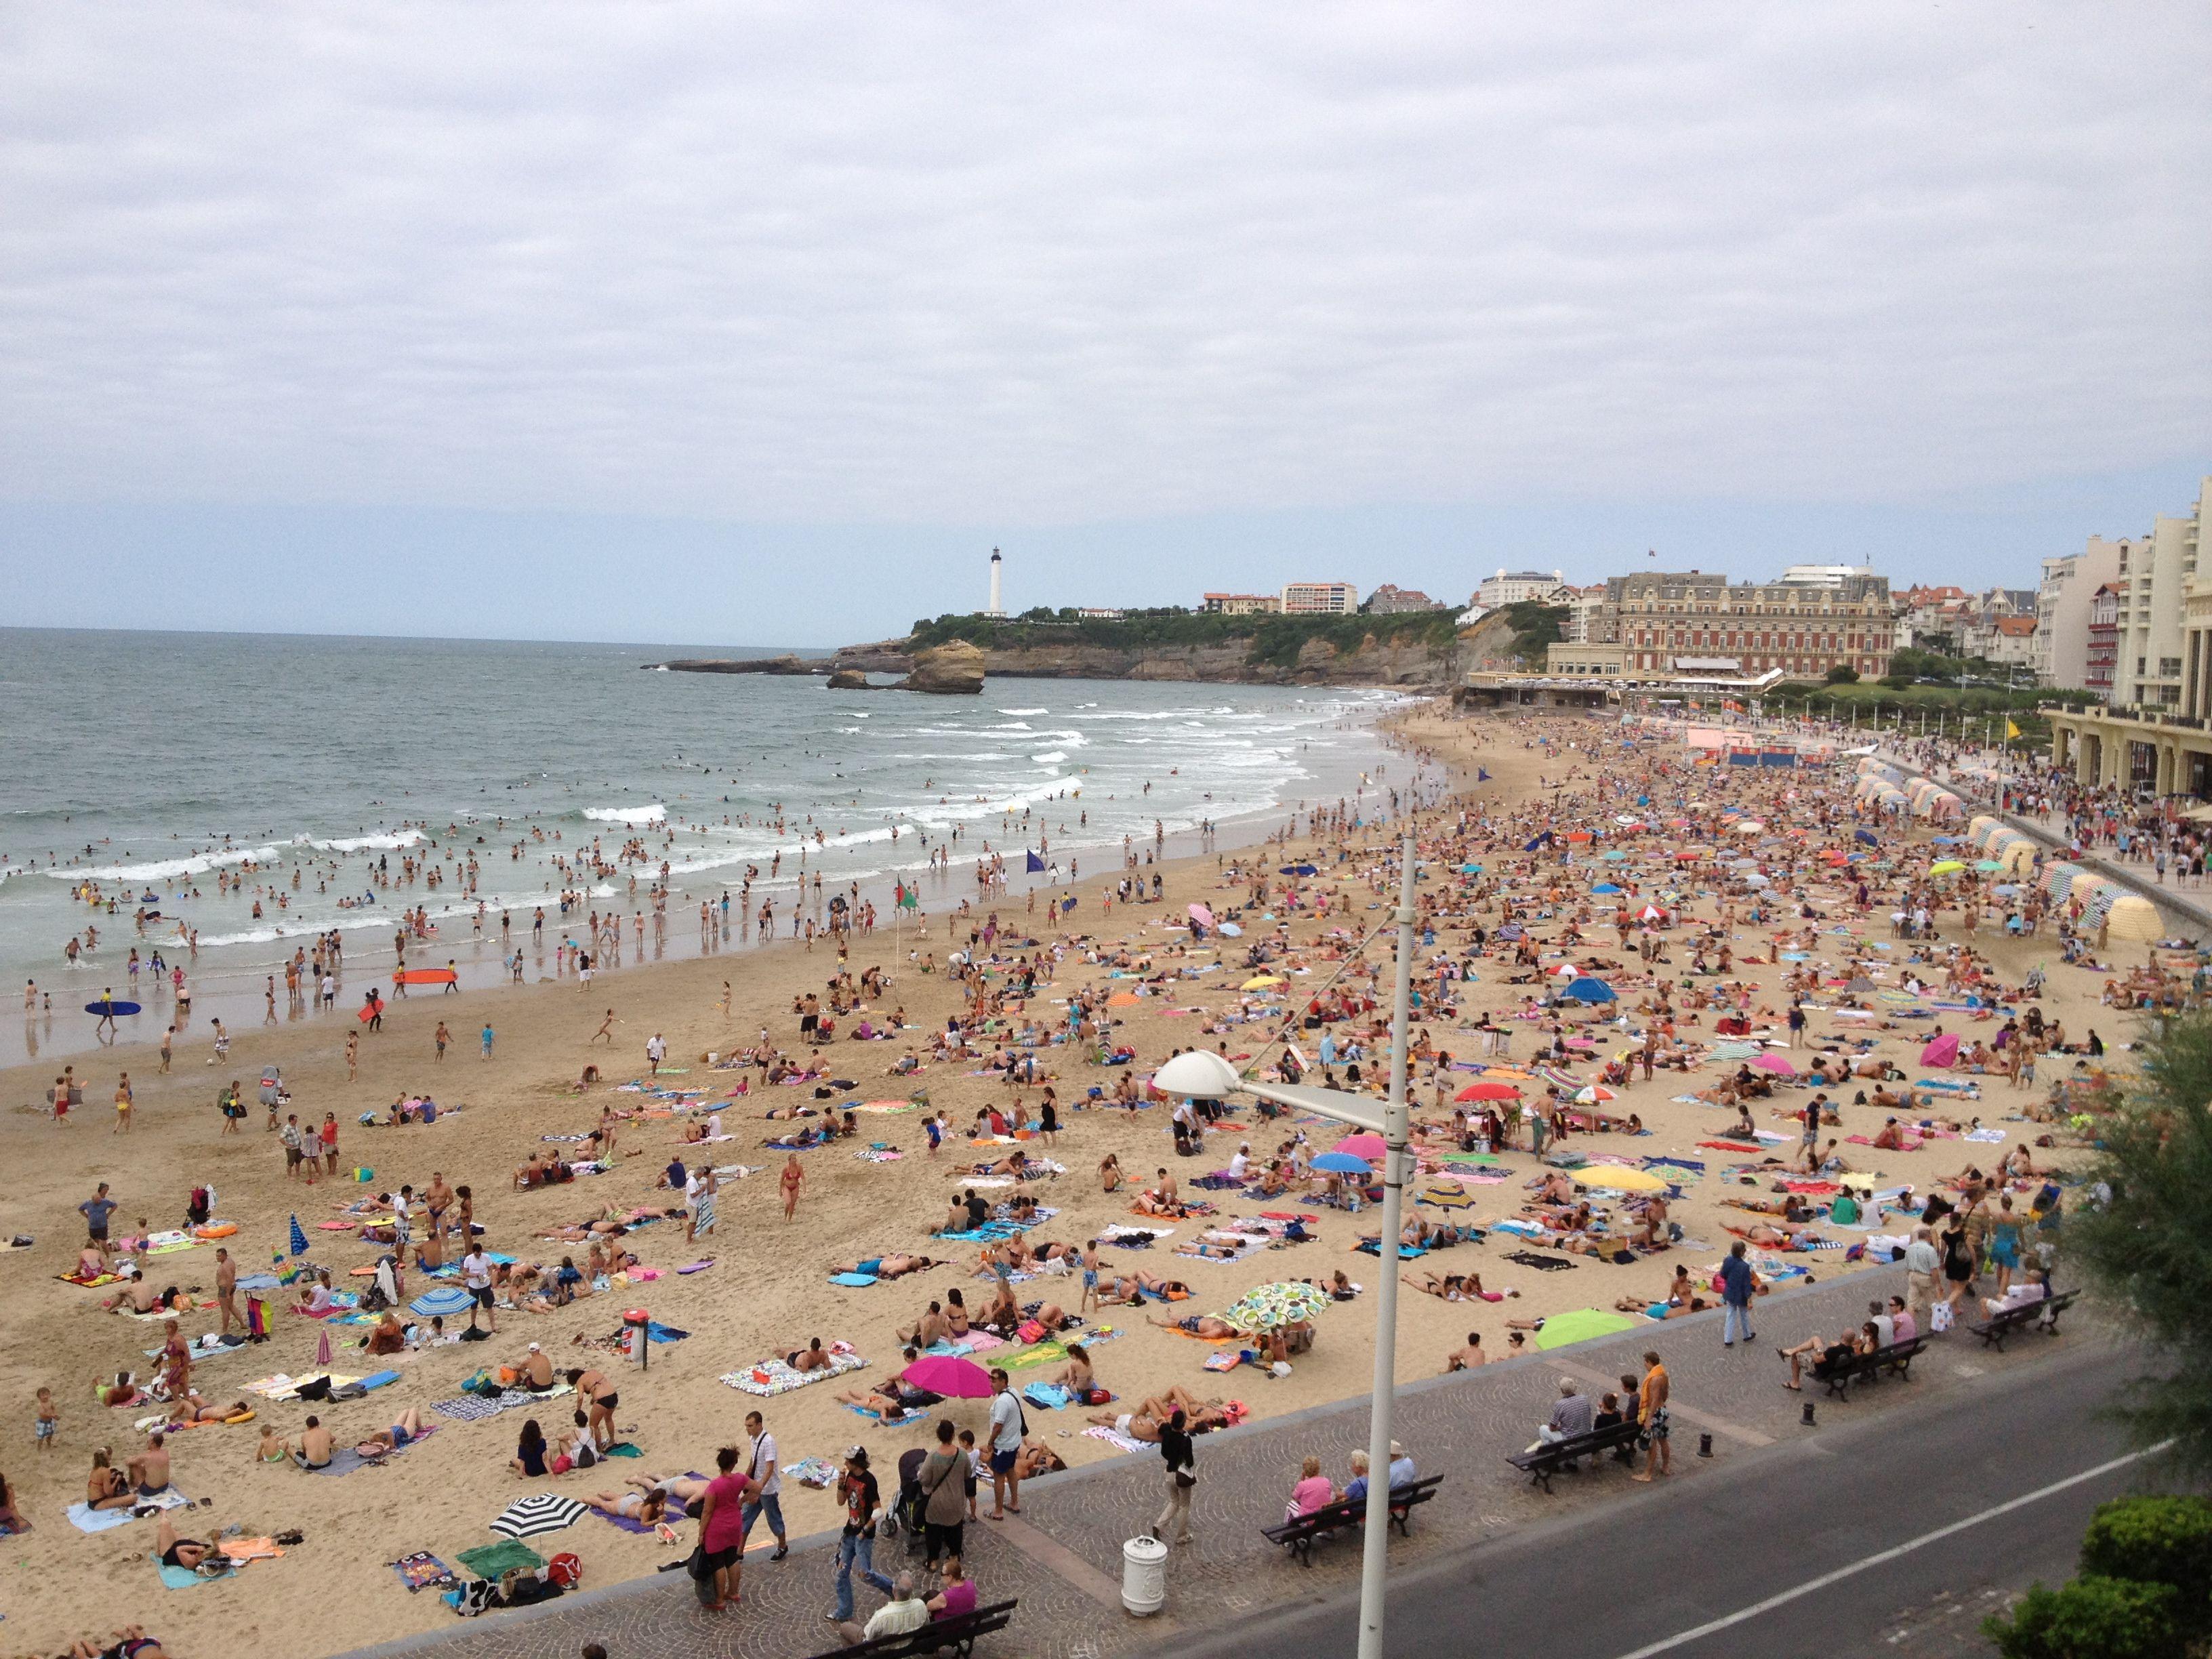 La grande plage Biarritz chouette et colorée